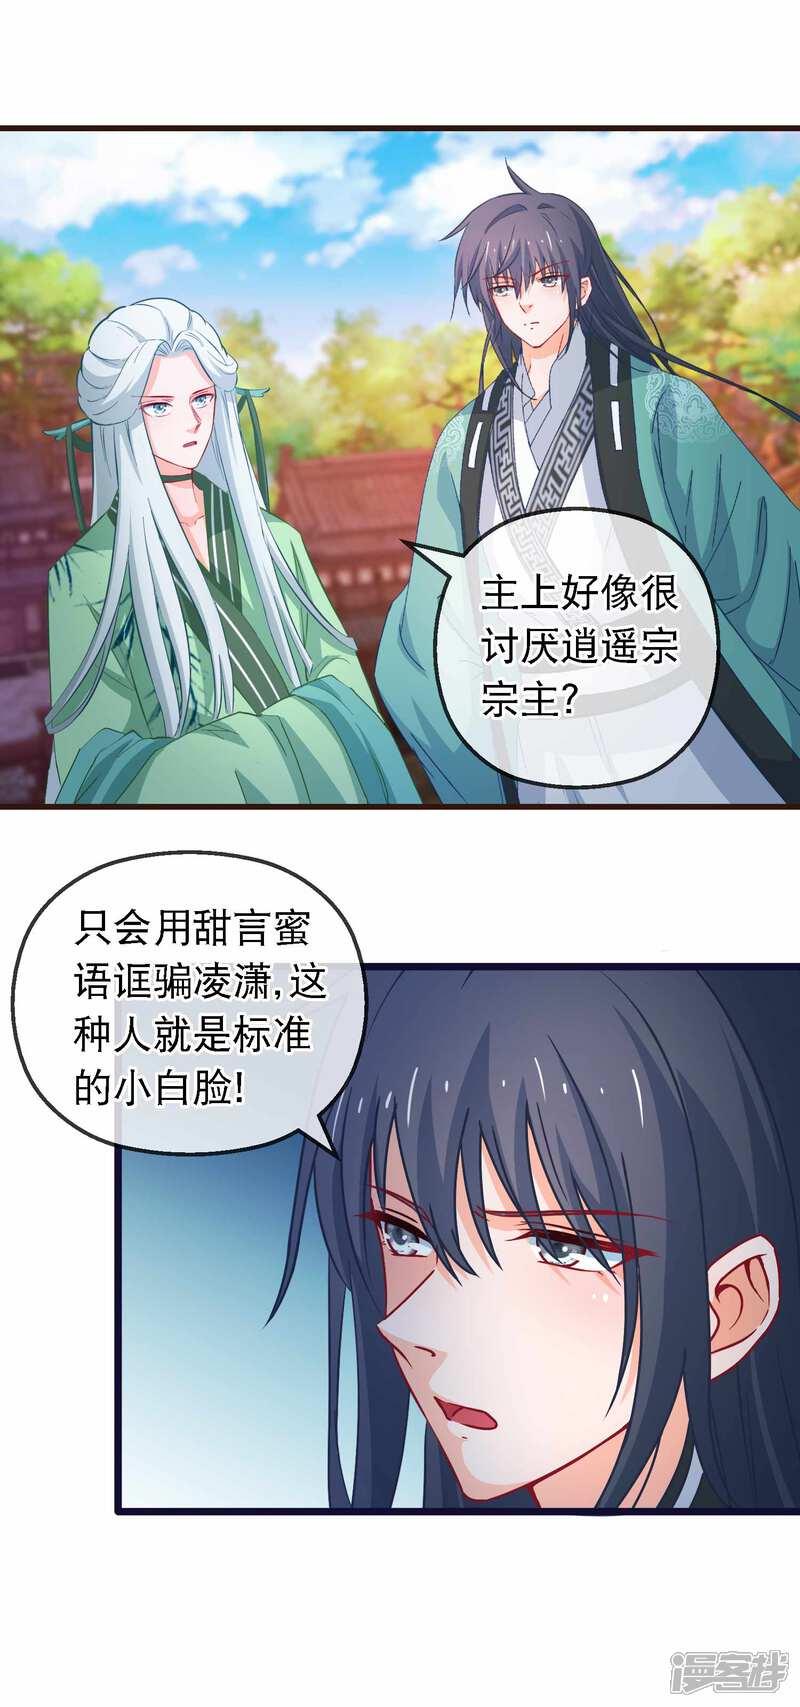 [综武侠]师尊大人(温家九公子)最新章节 无弹窗 ... -言情中文网